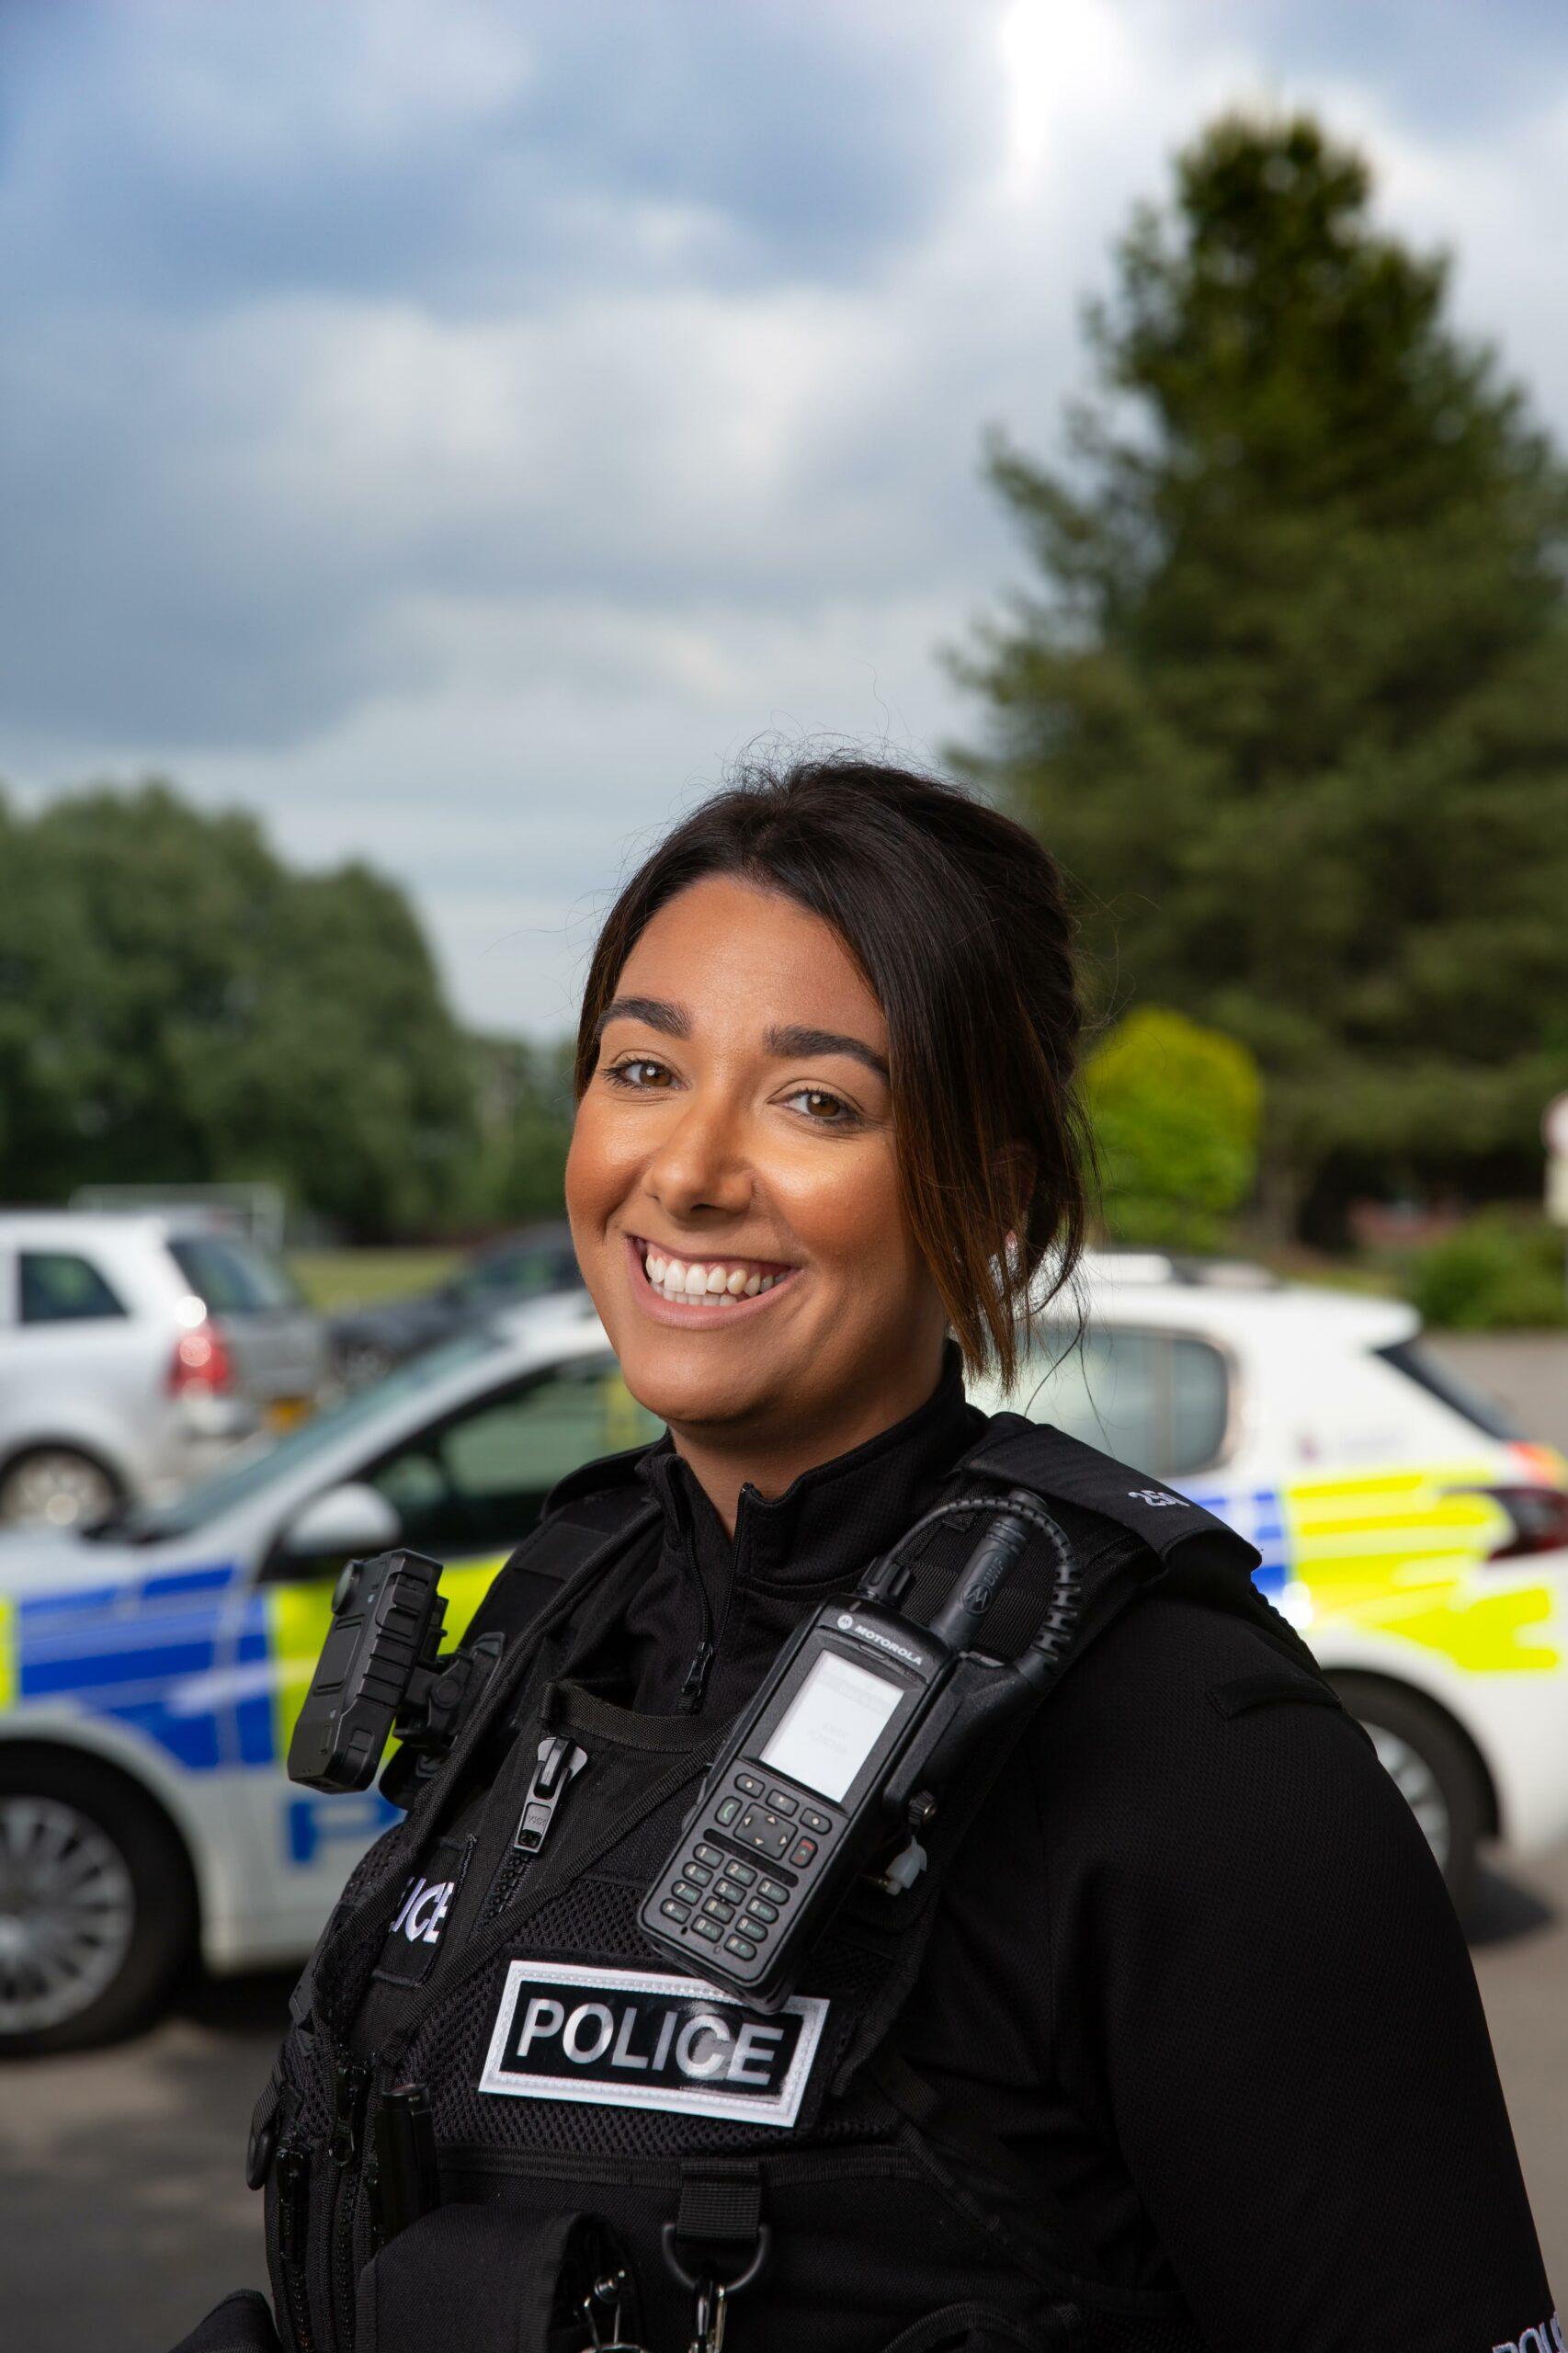 Police Constable Yasmin Mogra